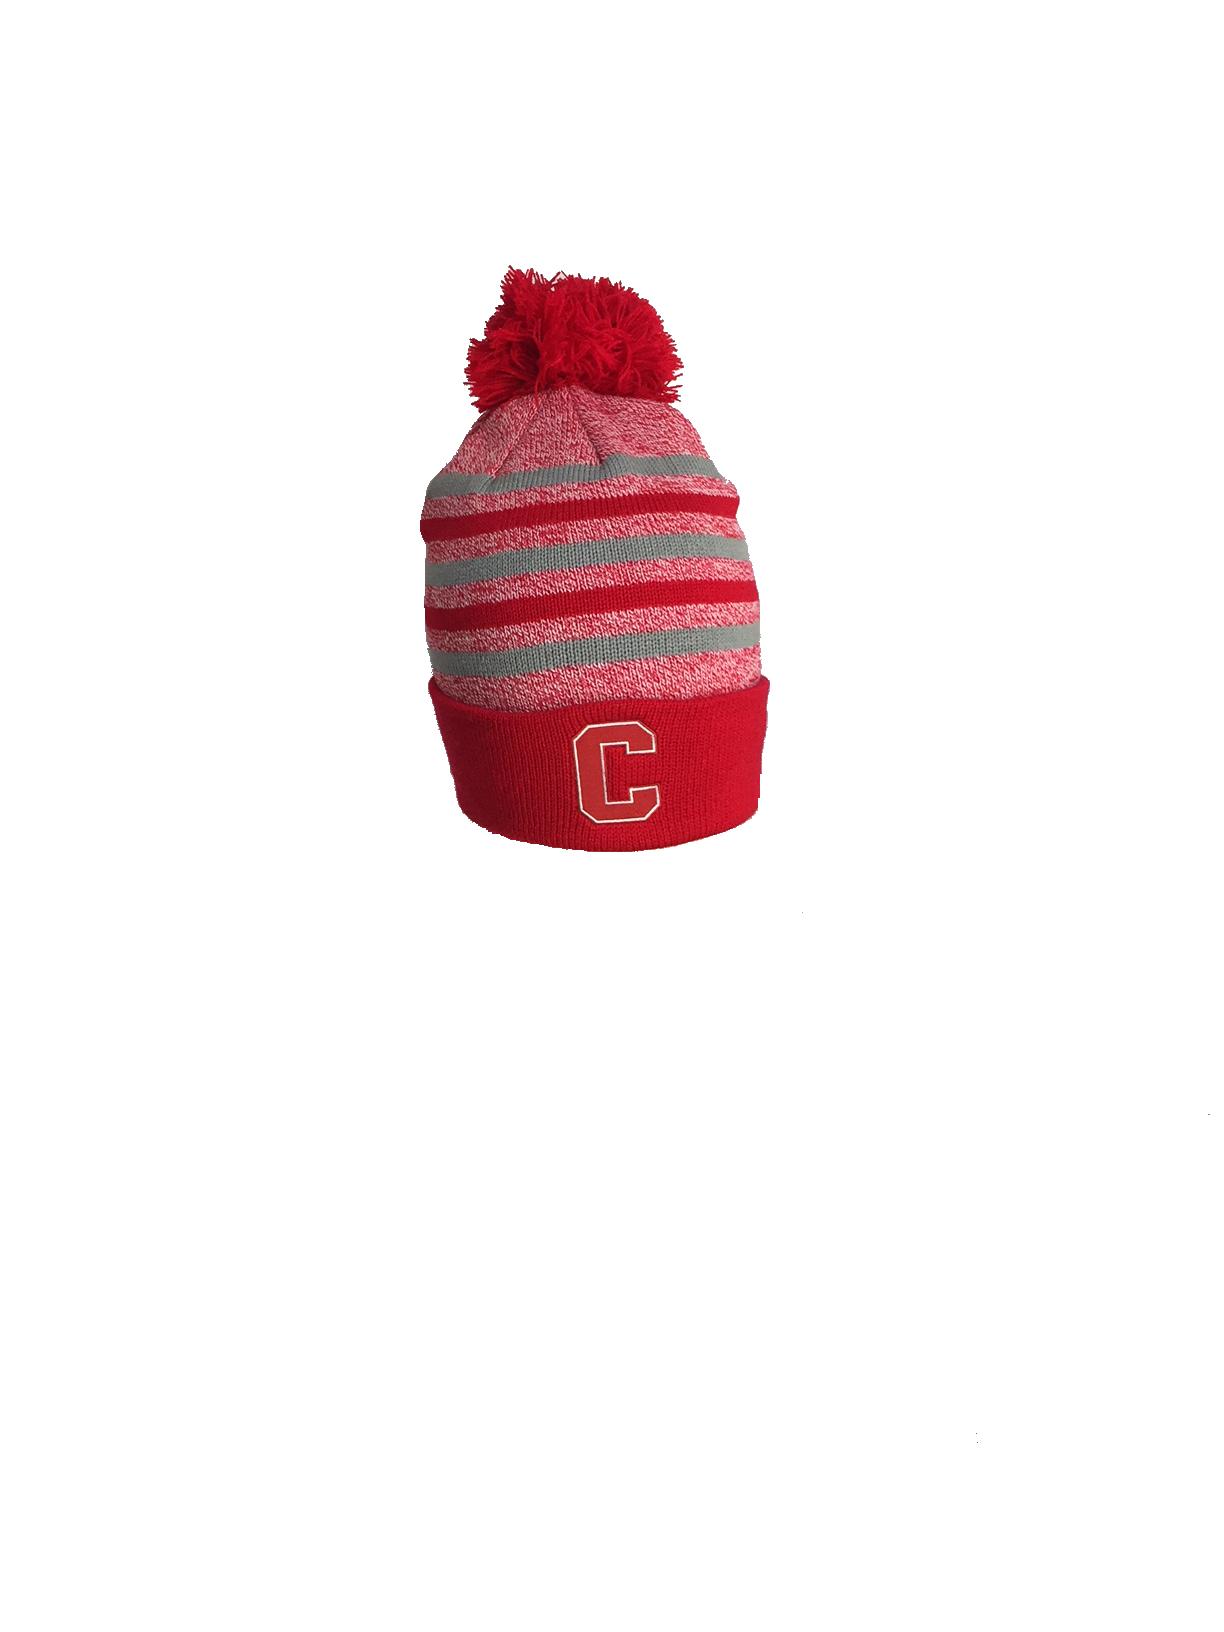 Cornell Marled Yarn Cuff Hat with Pom